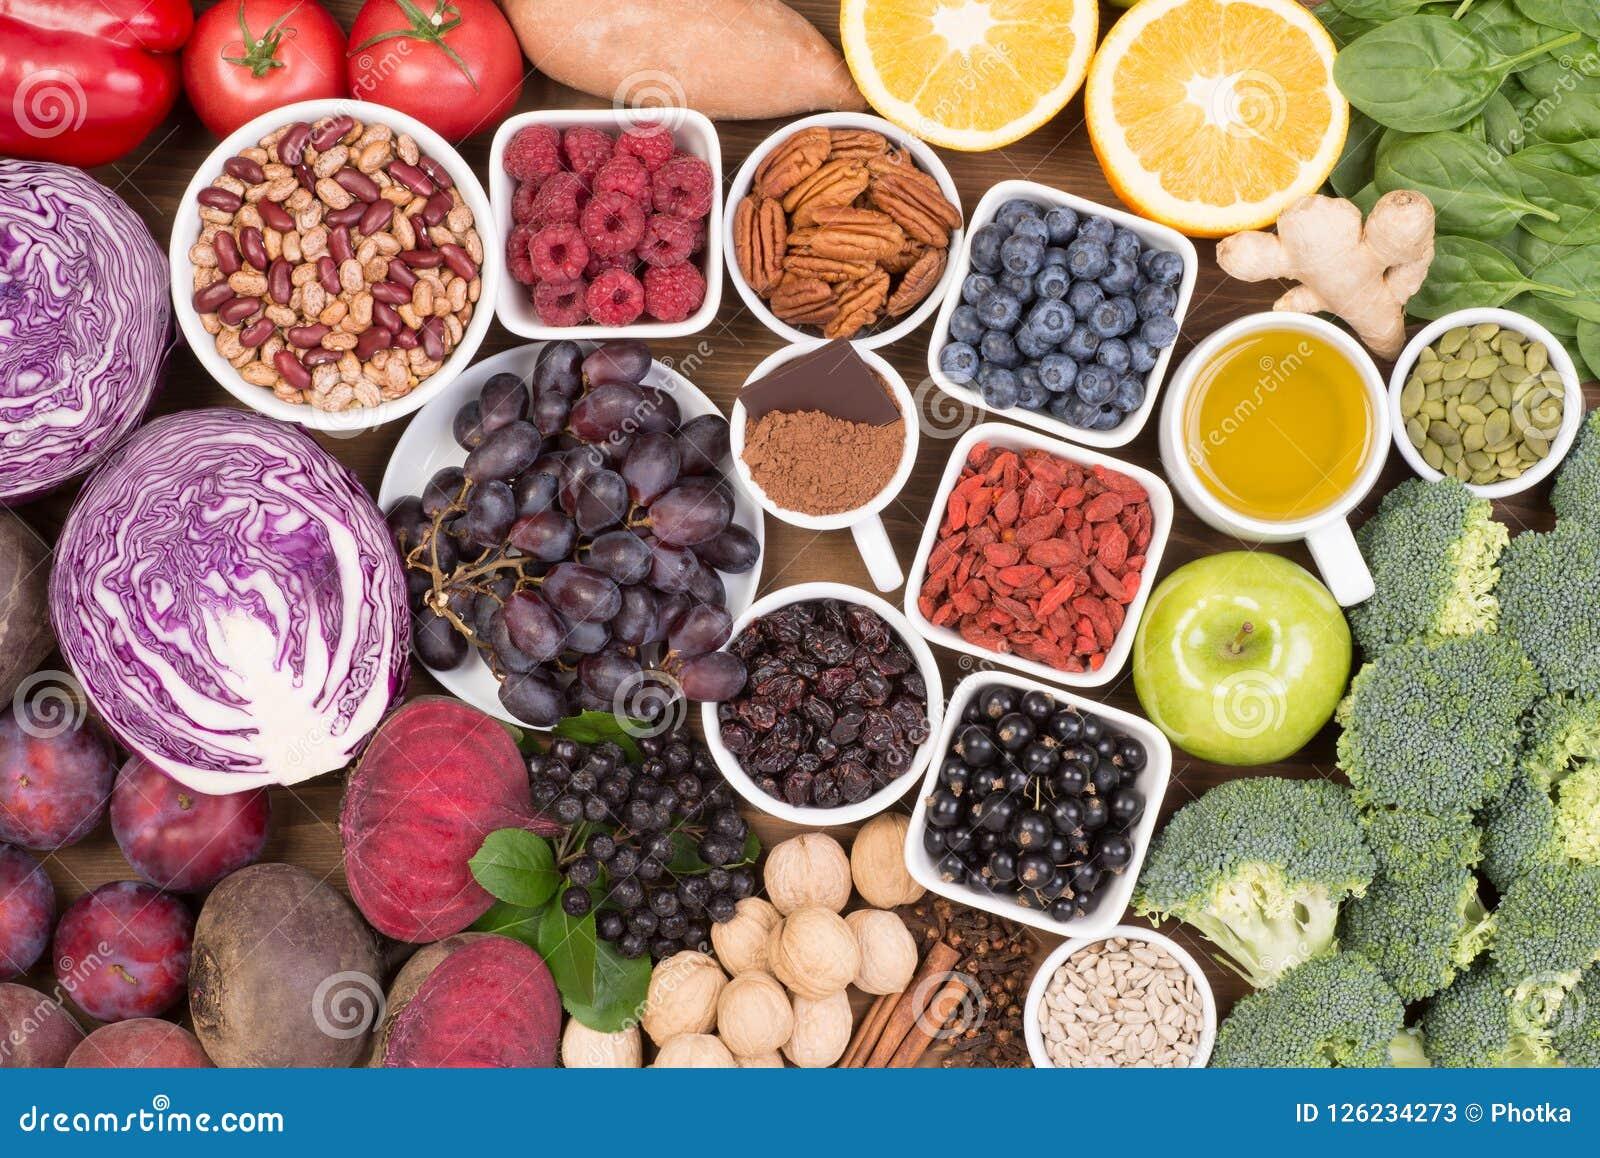 Matkällor av naturliga antioxidants liksom frukter, grönsaker, muttrar och kakaopulver